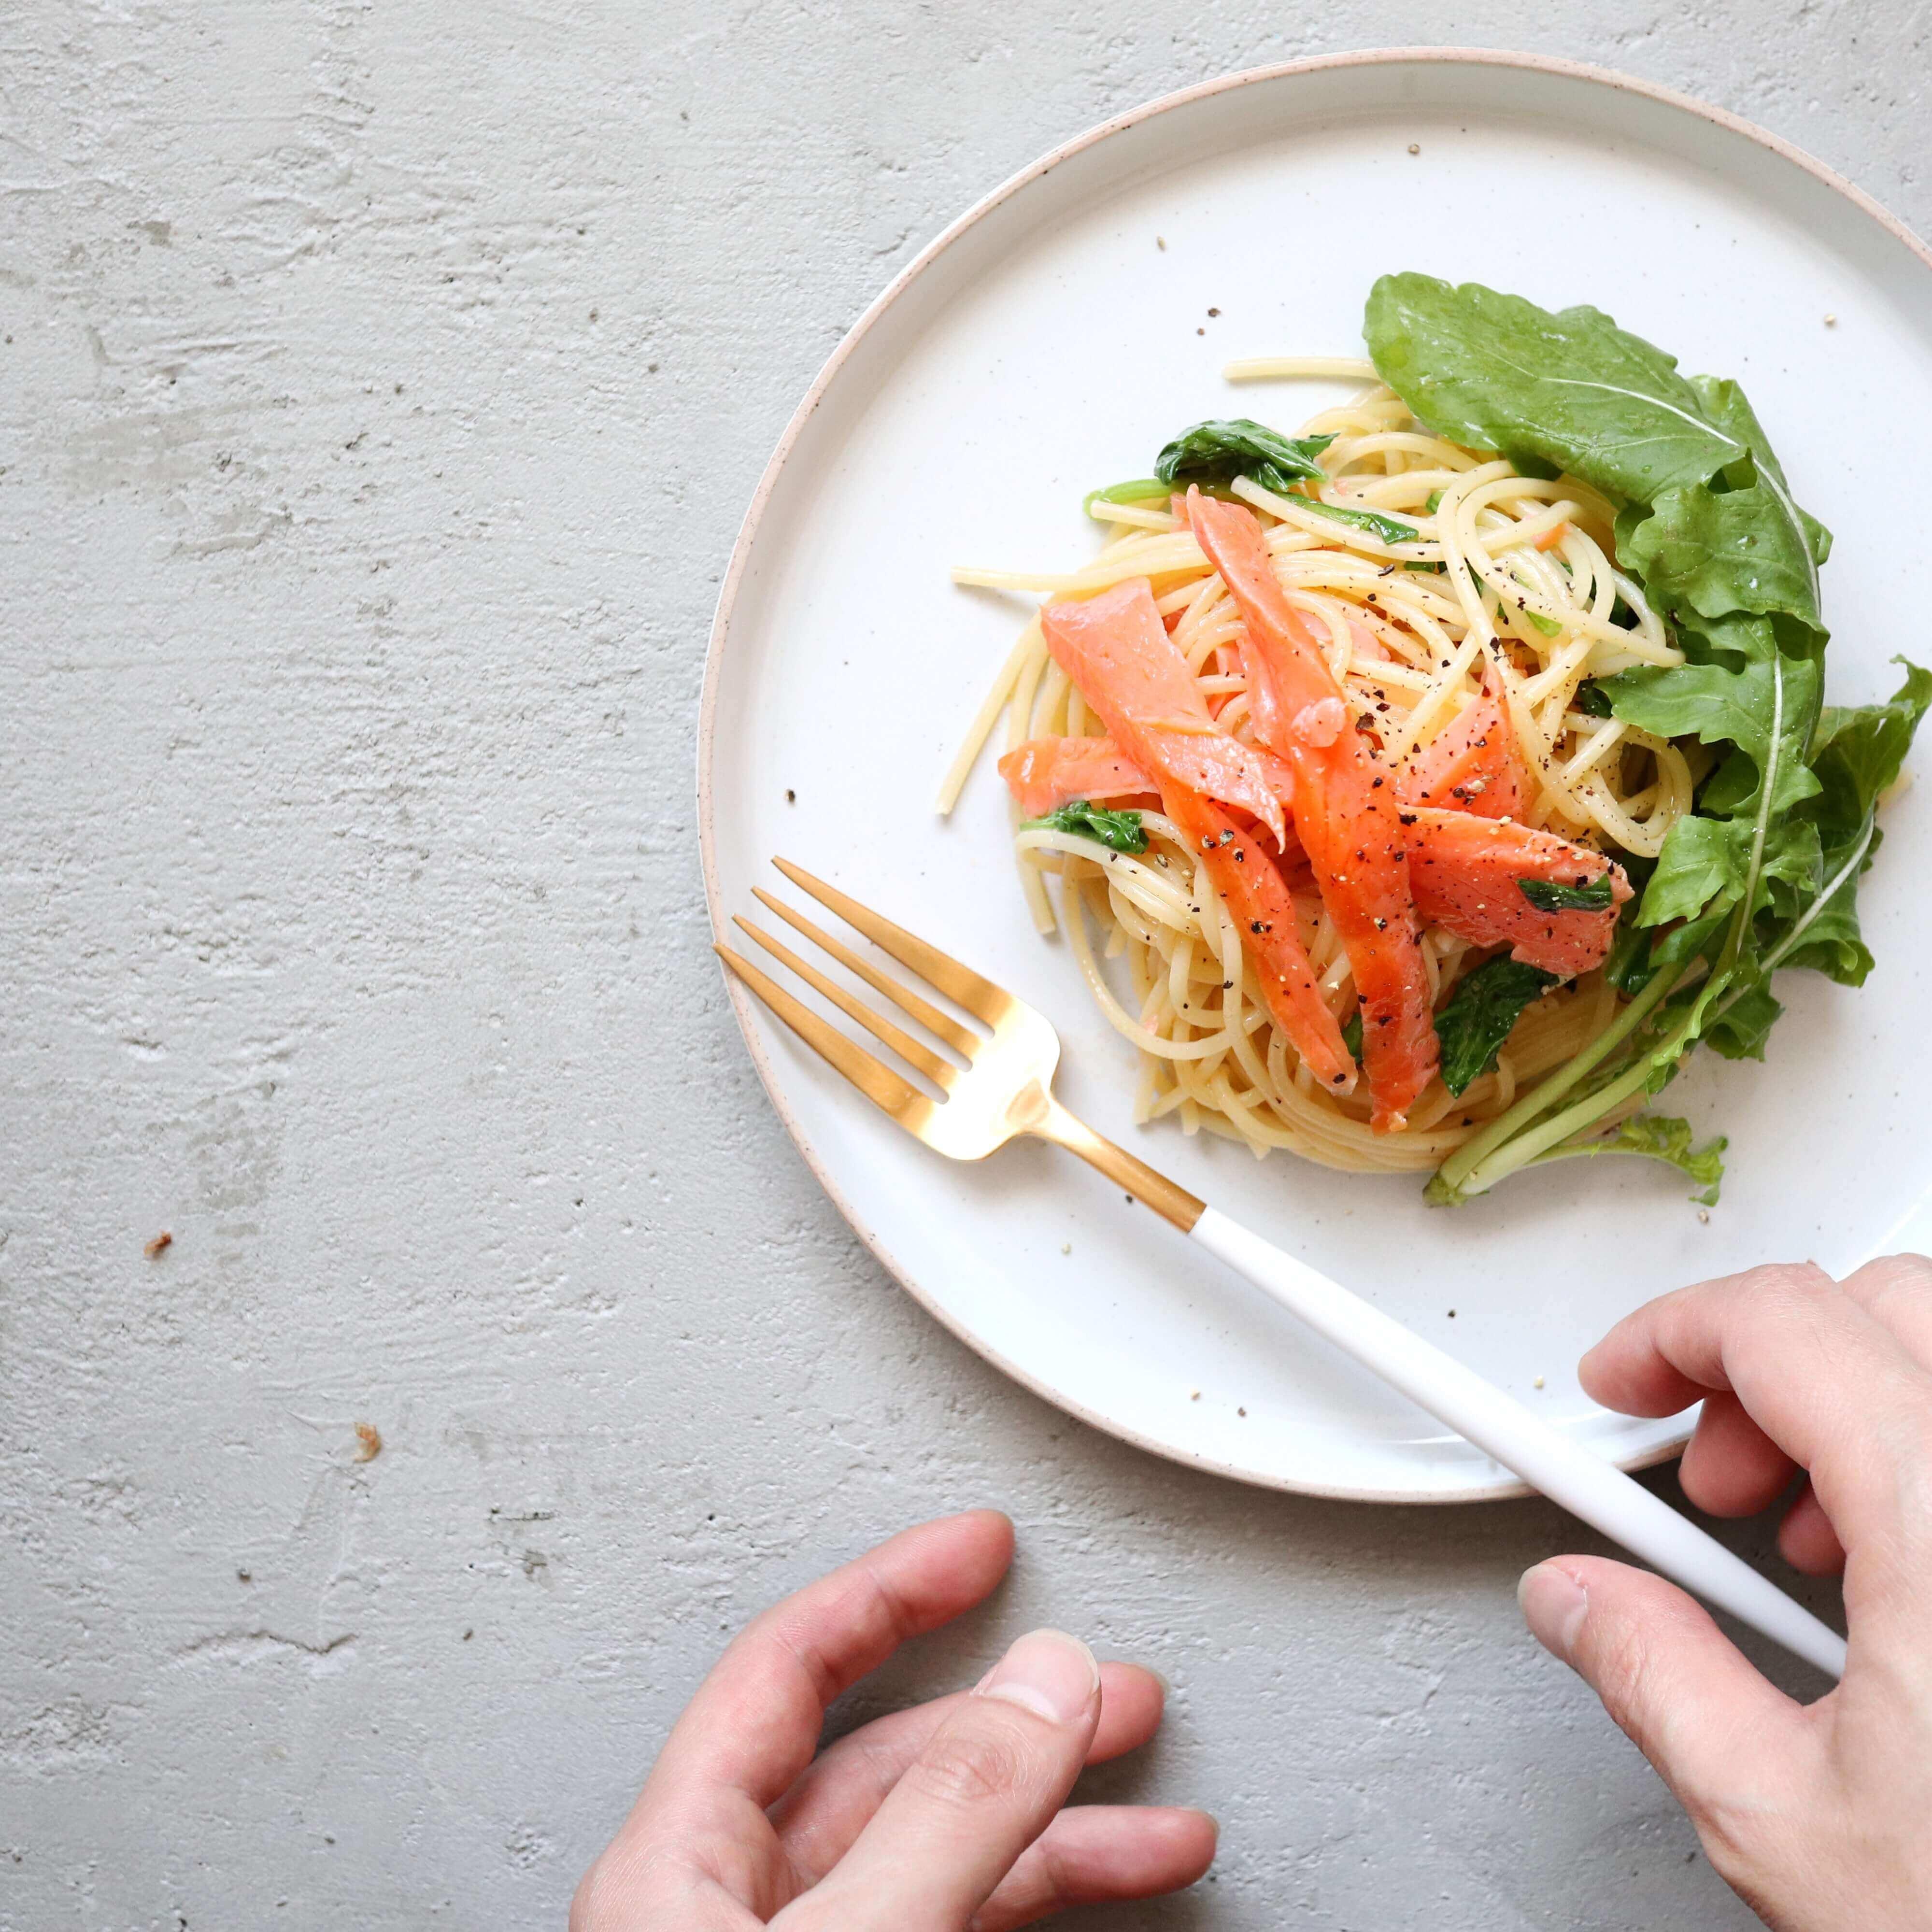 【簡単カフェランチ!】スモークサーモンとルッコラのオイルパスタのレシピ